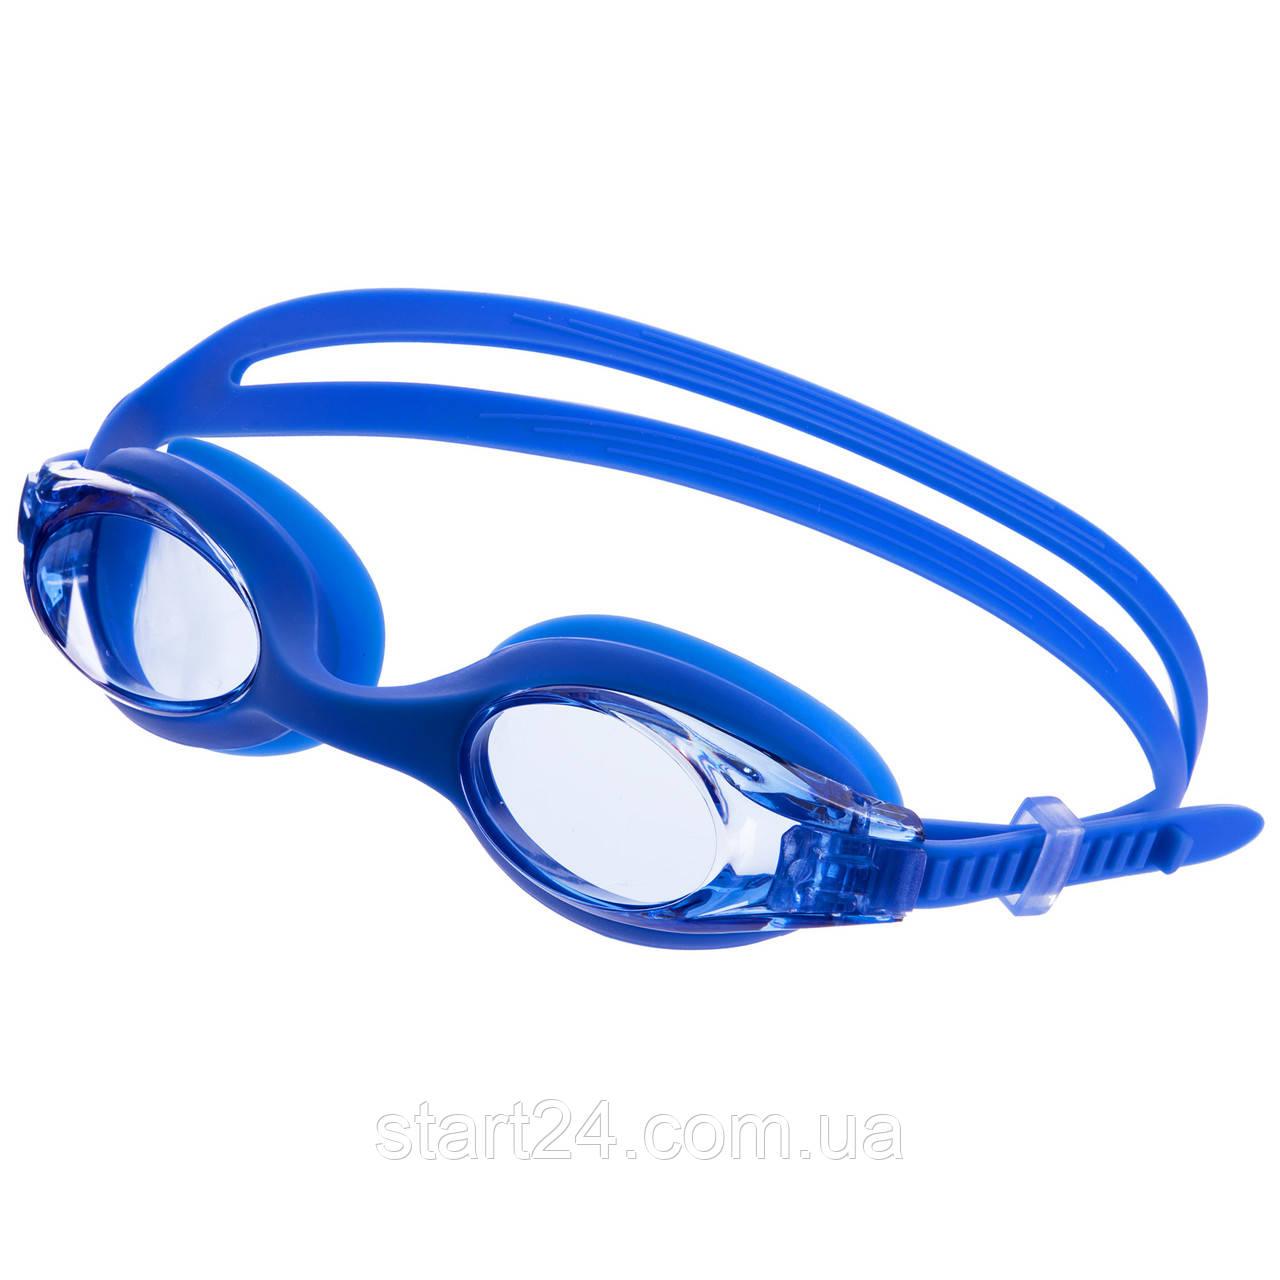 Окуляри для плавання GA1098 (полікарбонат, силікон, кольори в асортименті)